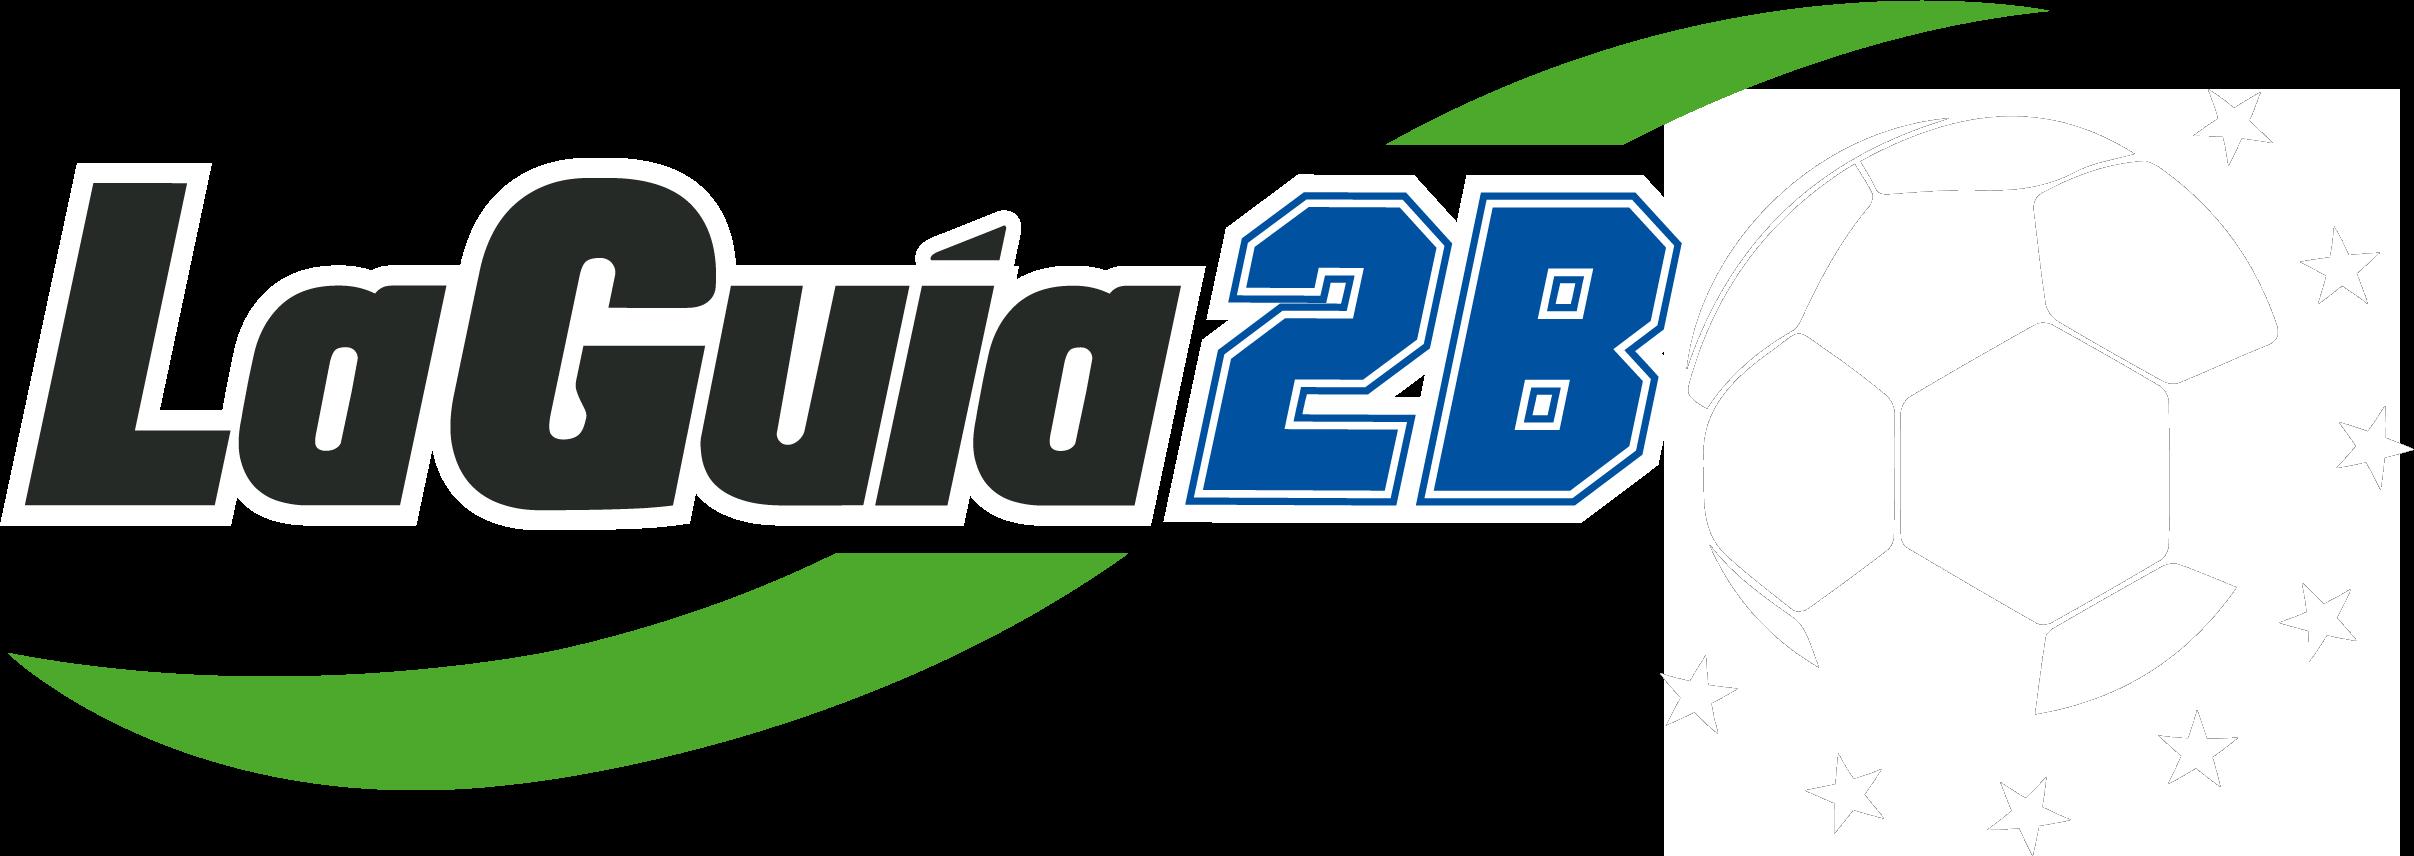 LaGuia2B